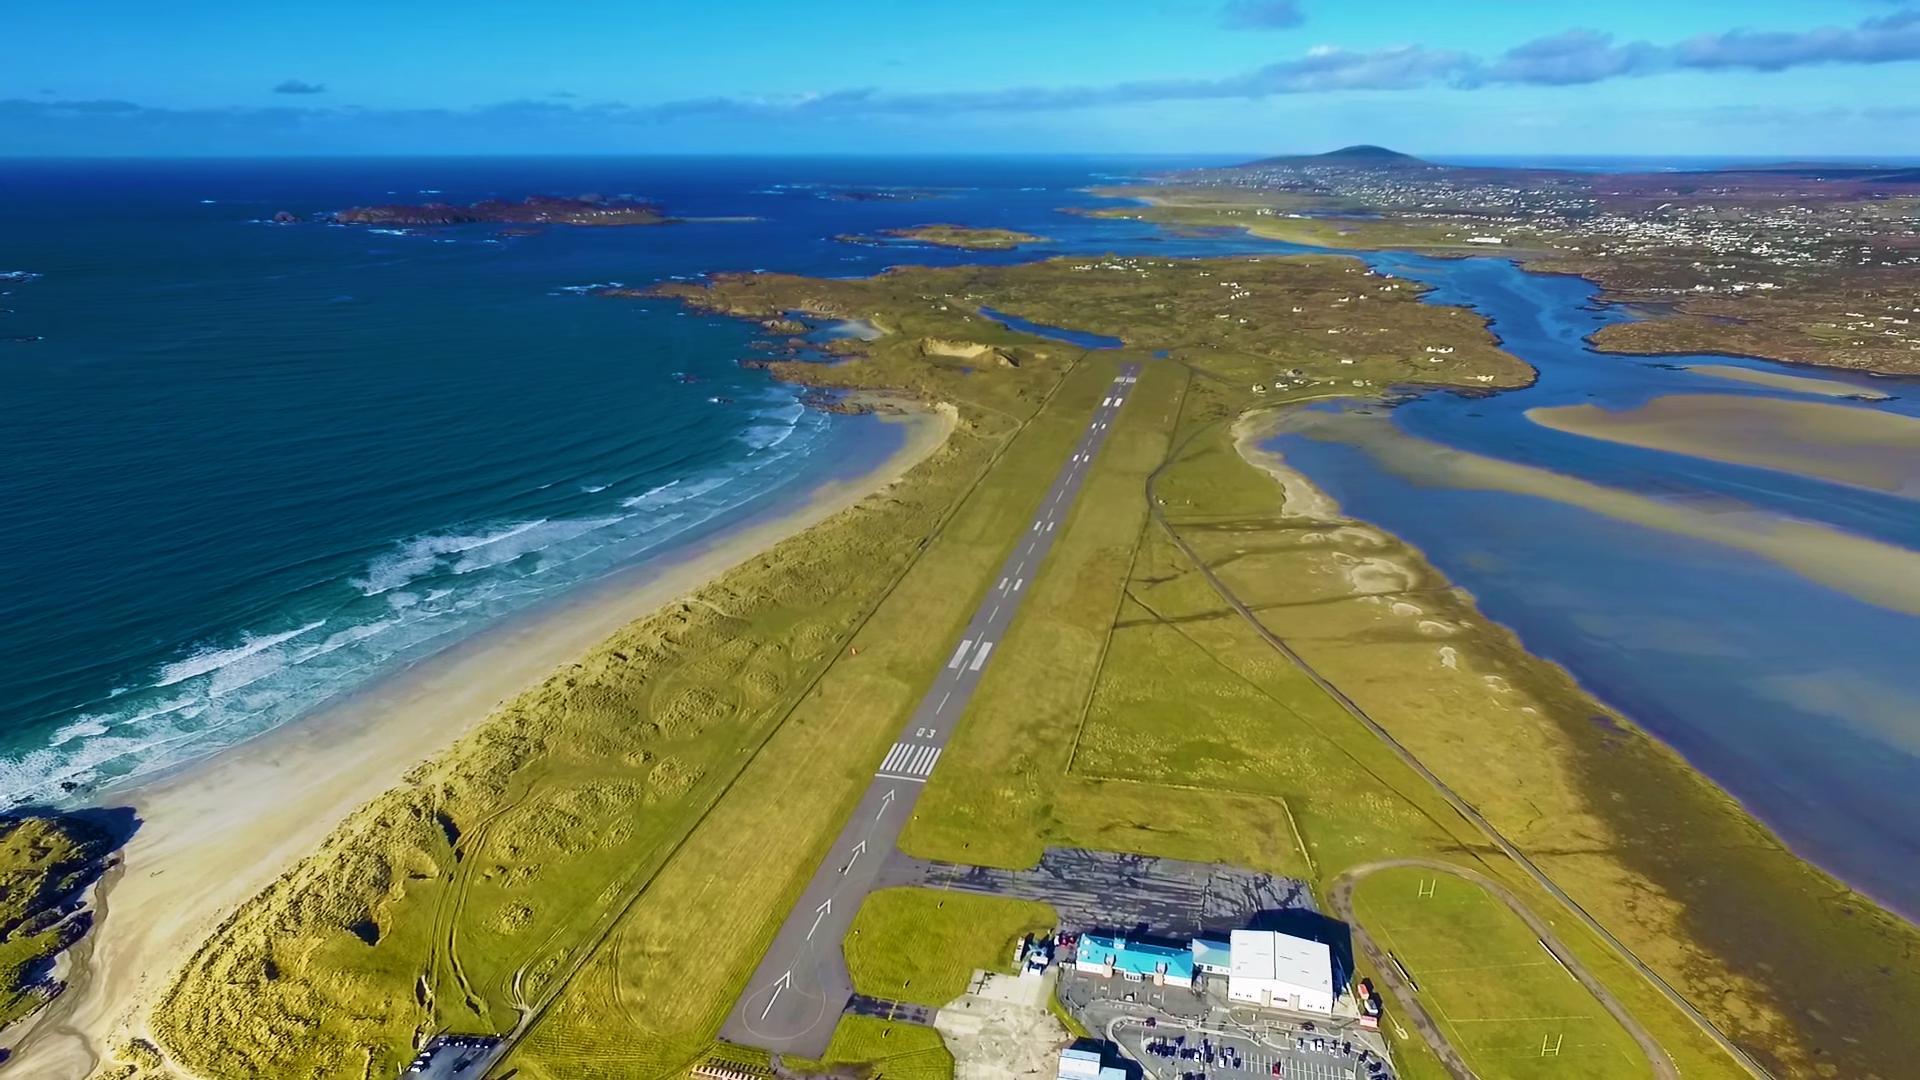 ¿Cuáles son los aeropuertos con las vistas más lindas para aterrizar?